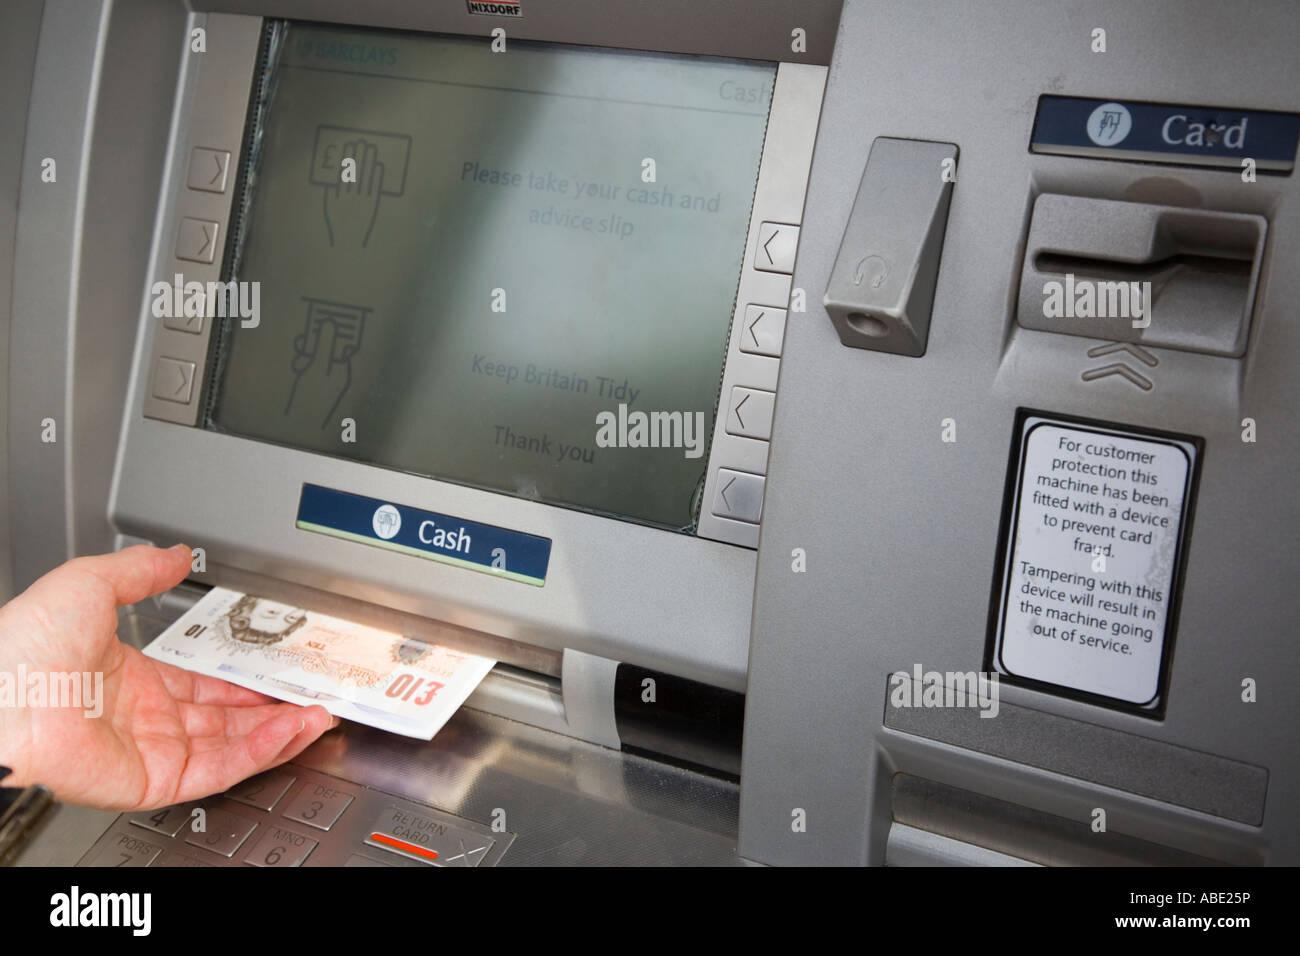 Distributeur automatique de billets trou dans le guichet bancaire retirer l'écran d'argent avec la main d'un retraité prenant des billets de 10 livres sterling. Angleterre Royaume-Uni Grande-Bretagne Banque D'Images